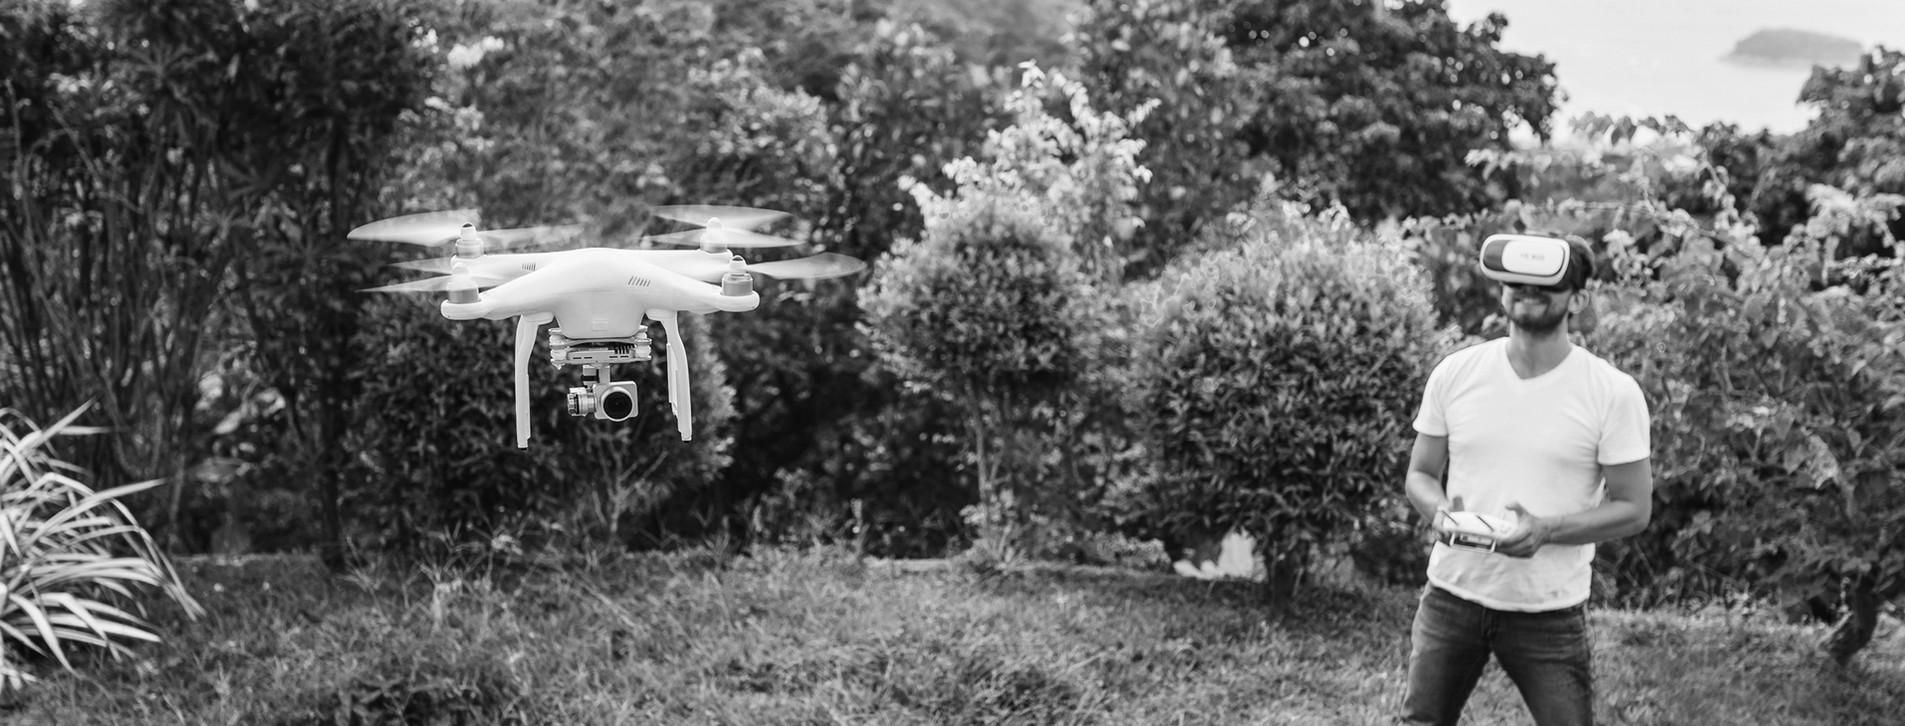 Фото 1 - Тест-драйв квадрокоптера в 3D-очках